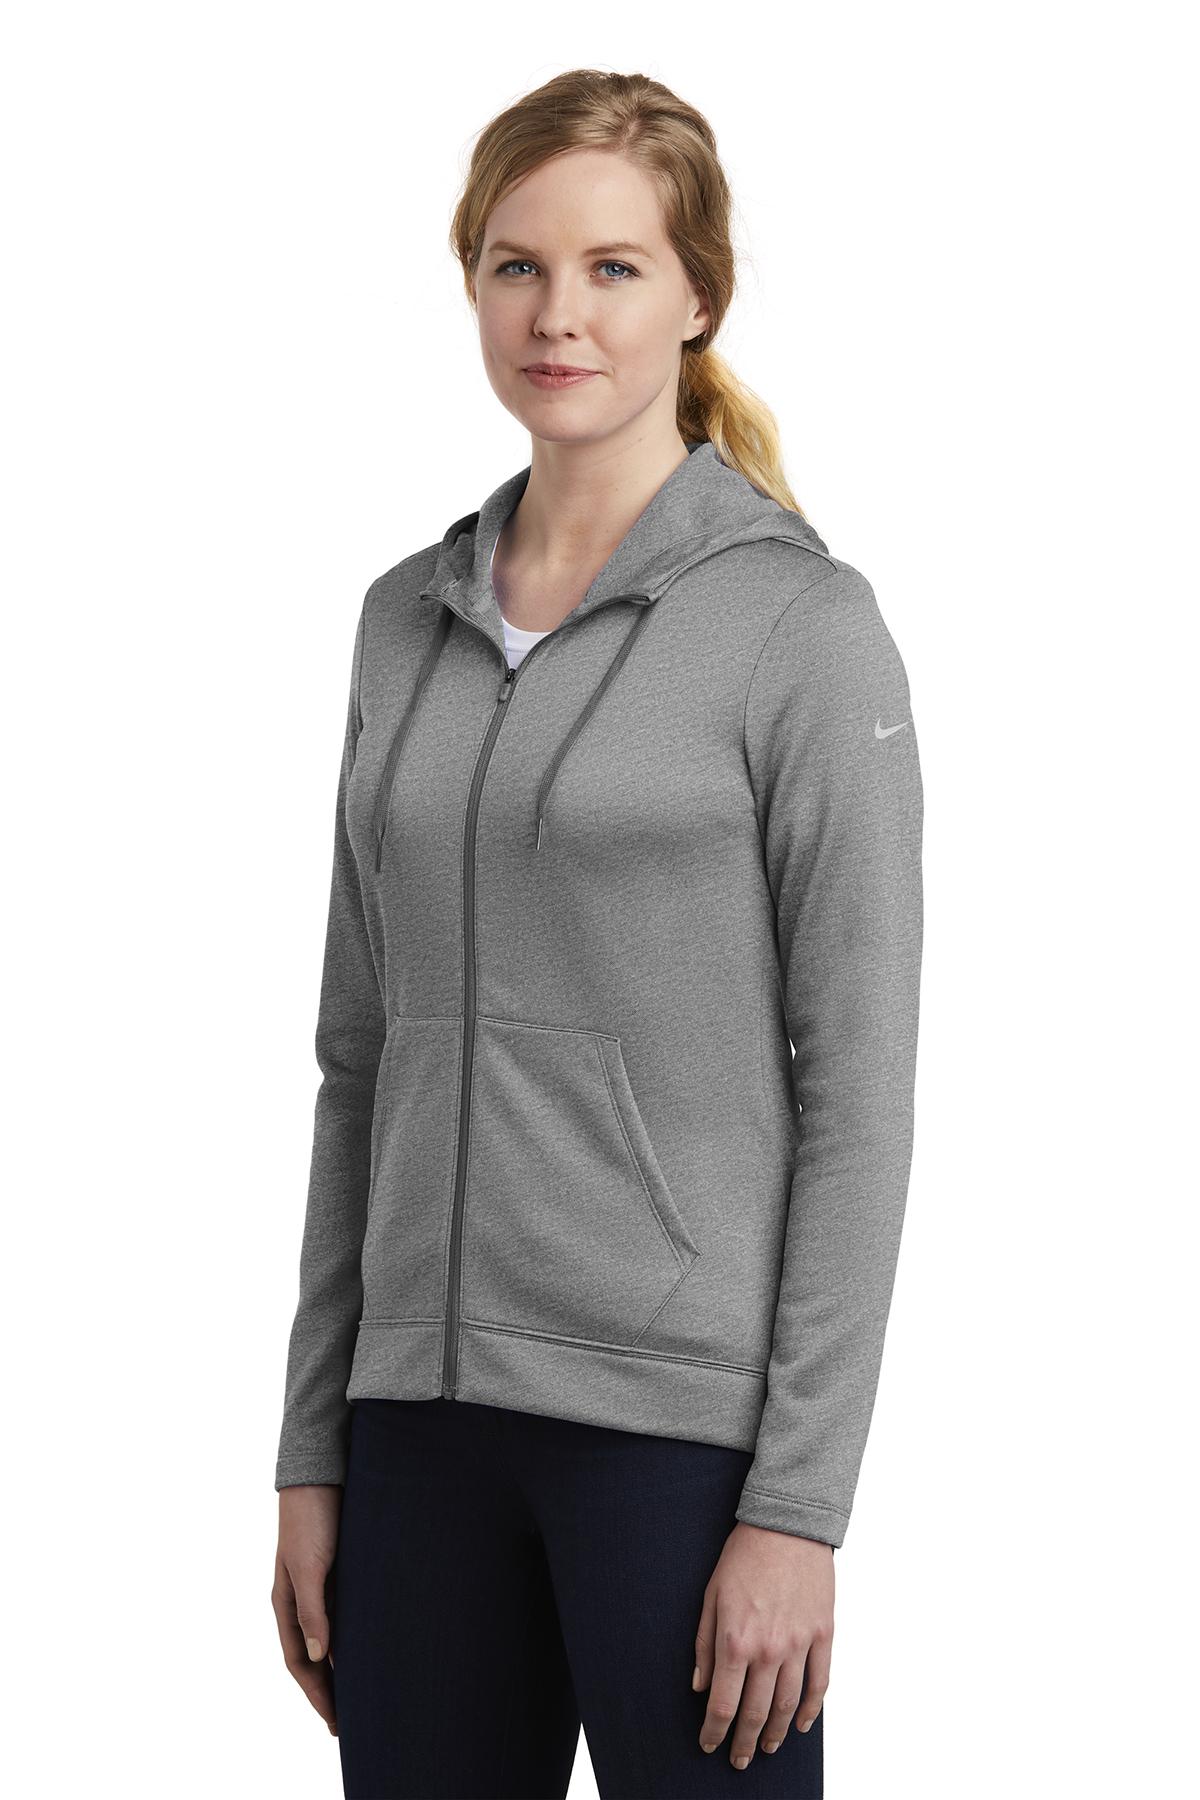 Therma Nike Zip FIT Full Ladies Fleece HoodieSweatshirts 35R4jLcAq